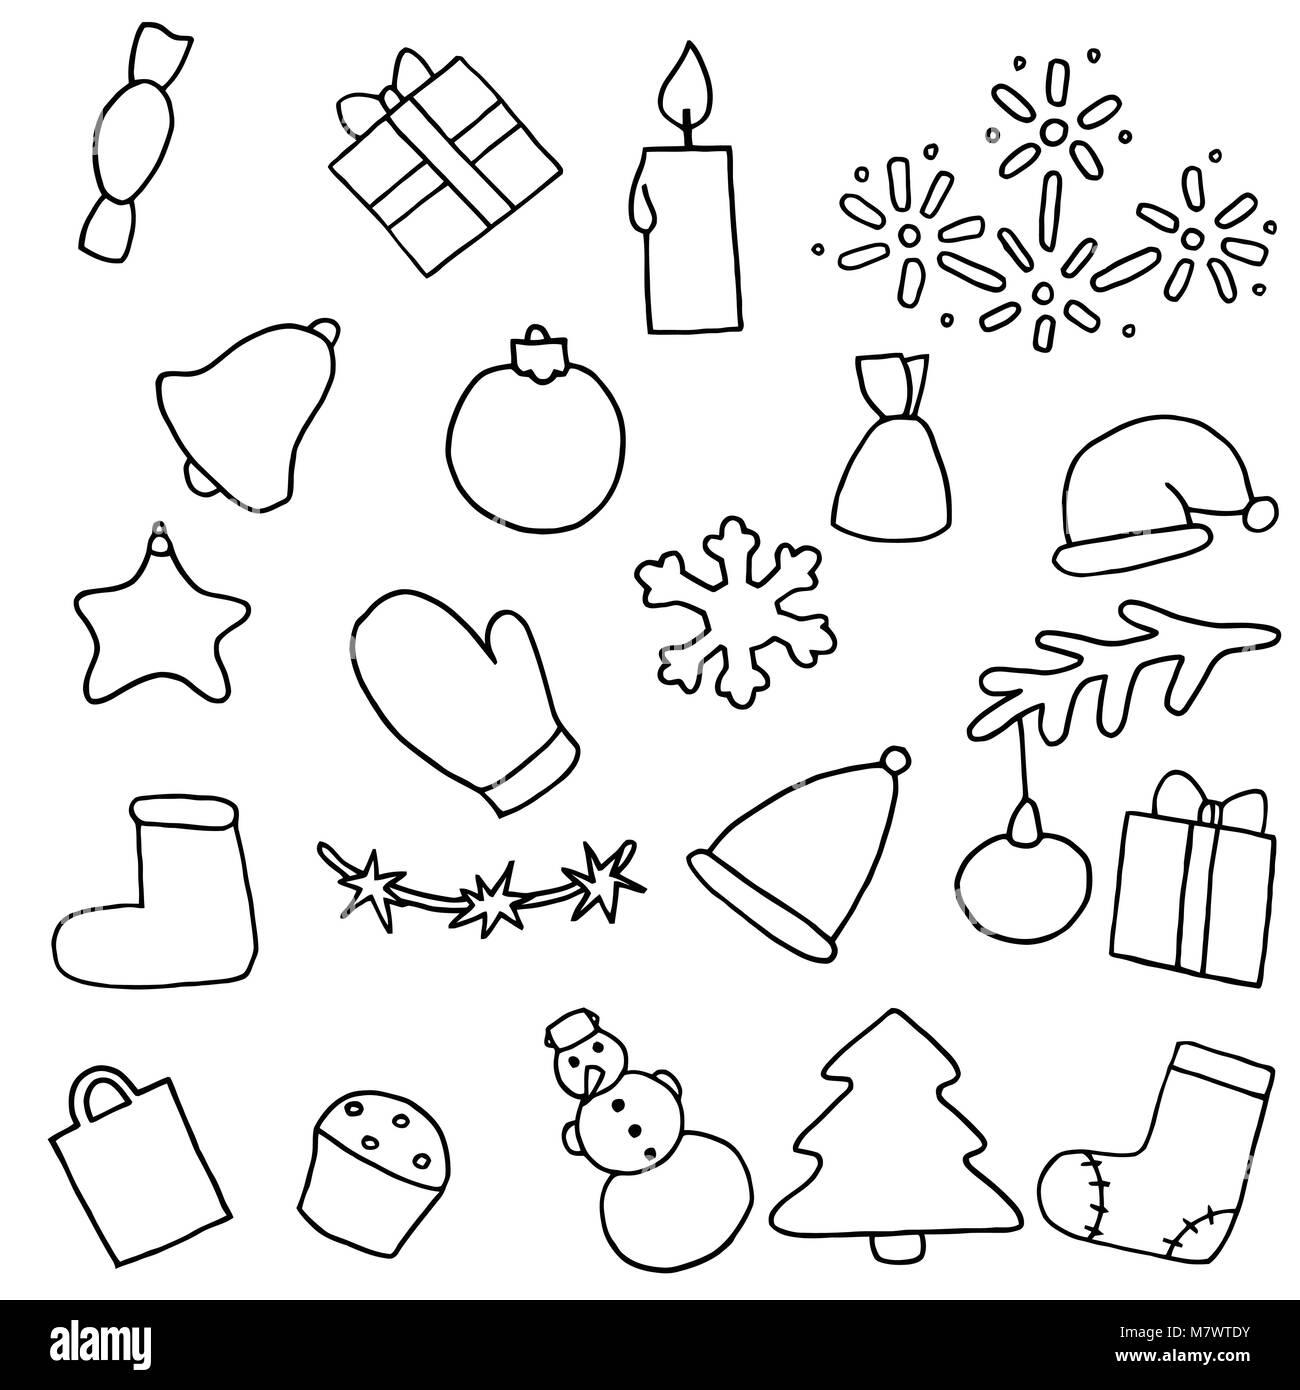 Asombroso Hoja Para Colorear De Regalo De Navidad Friso - Dibujos de ...